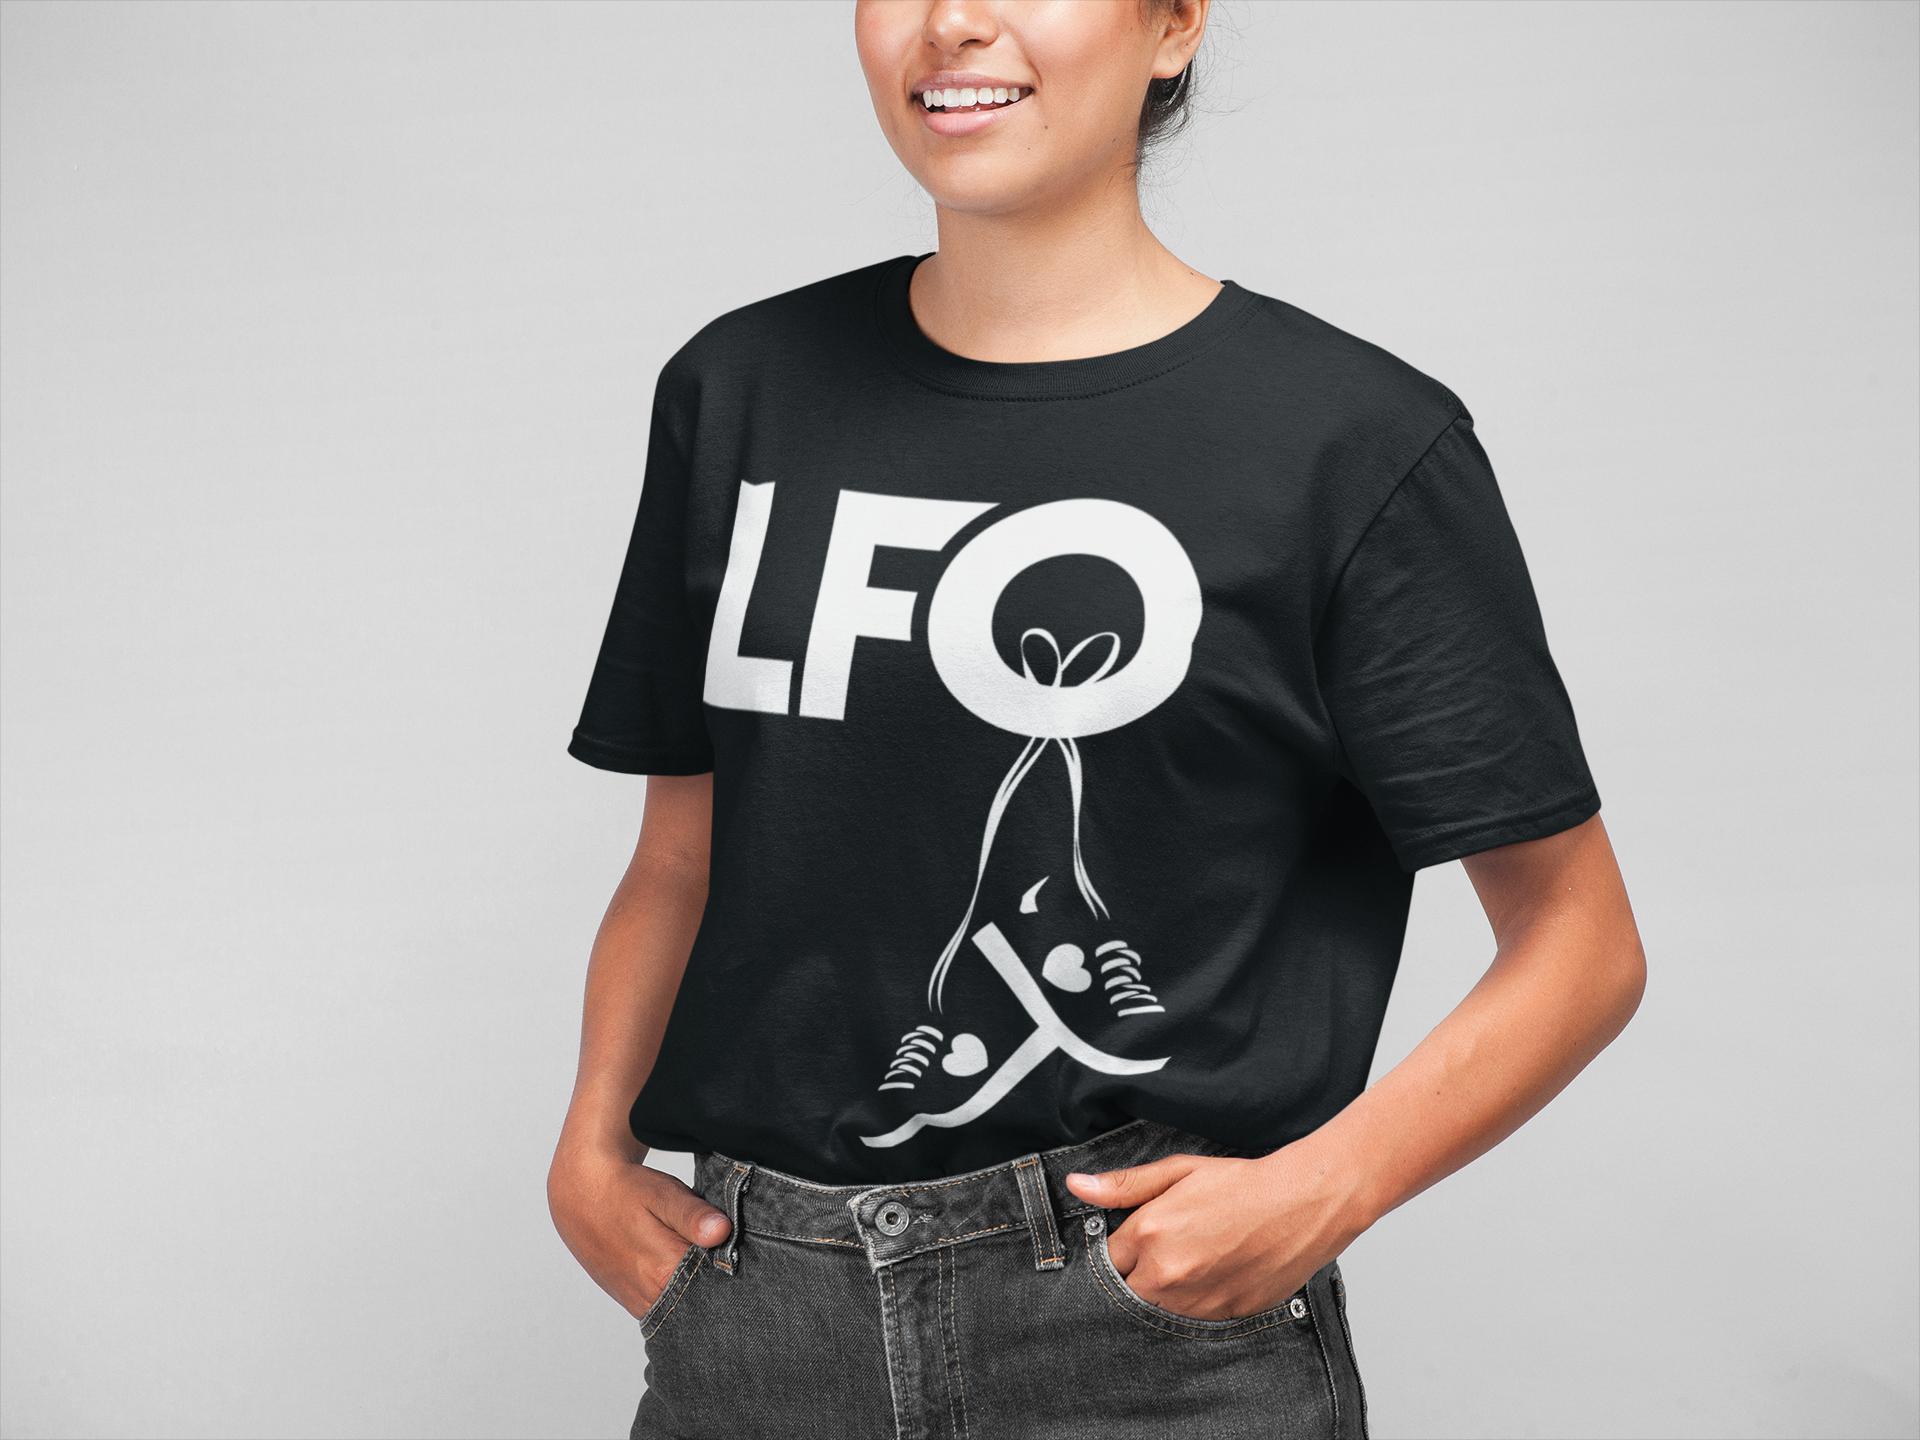 lfo_02